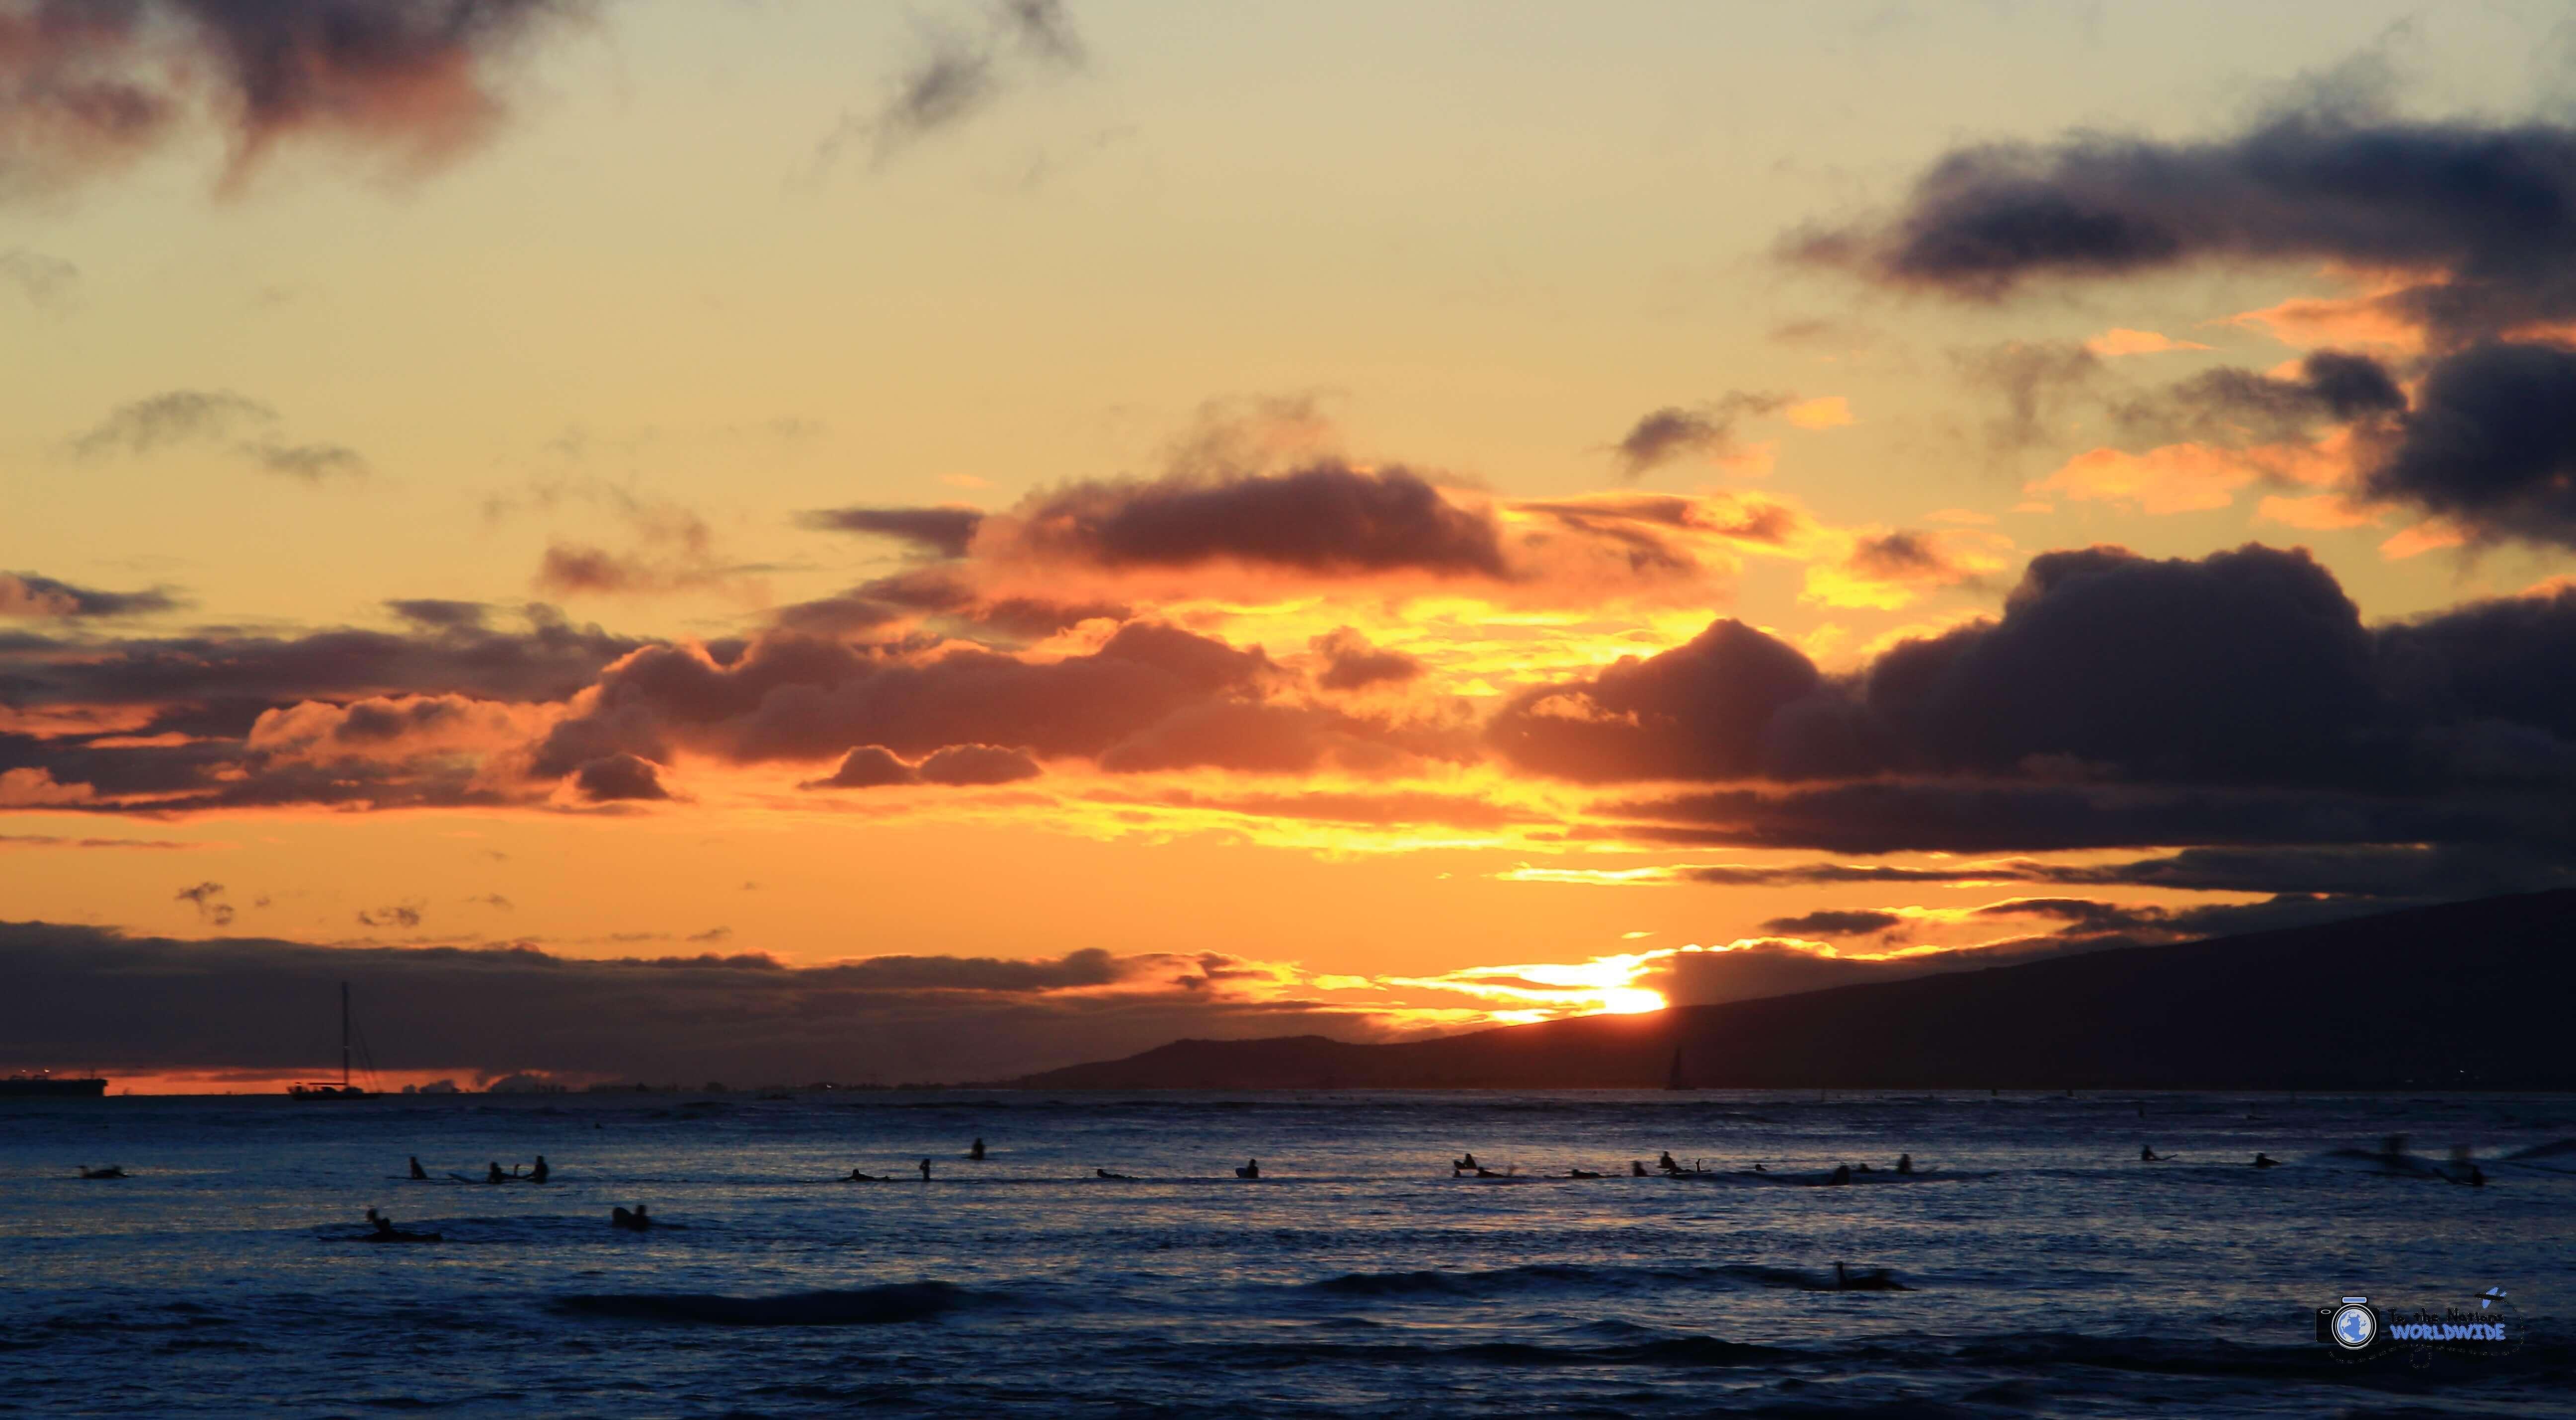 Sunset at Waikiki Beach, Honolulu, Hawaii